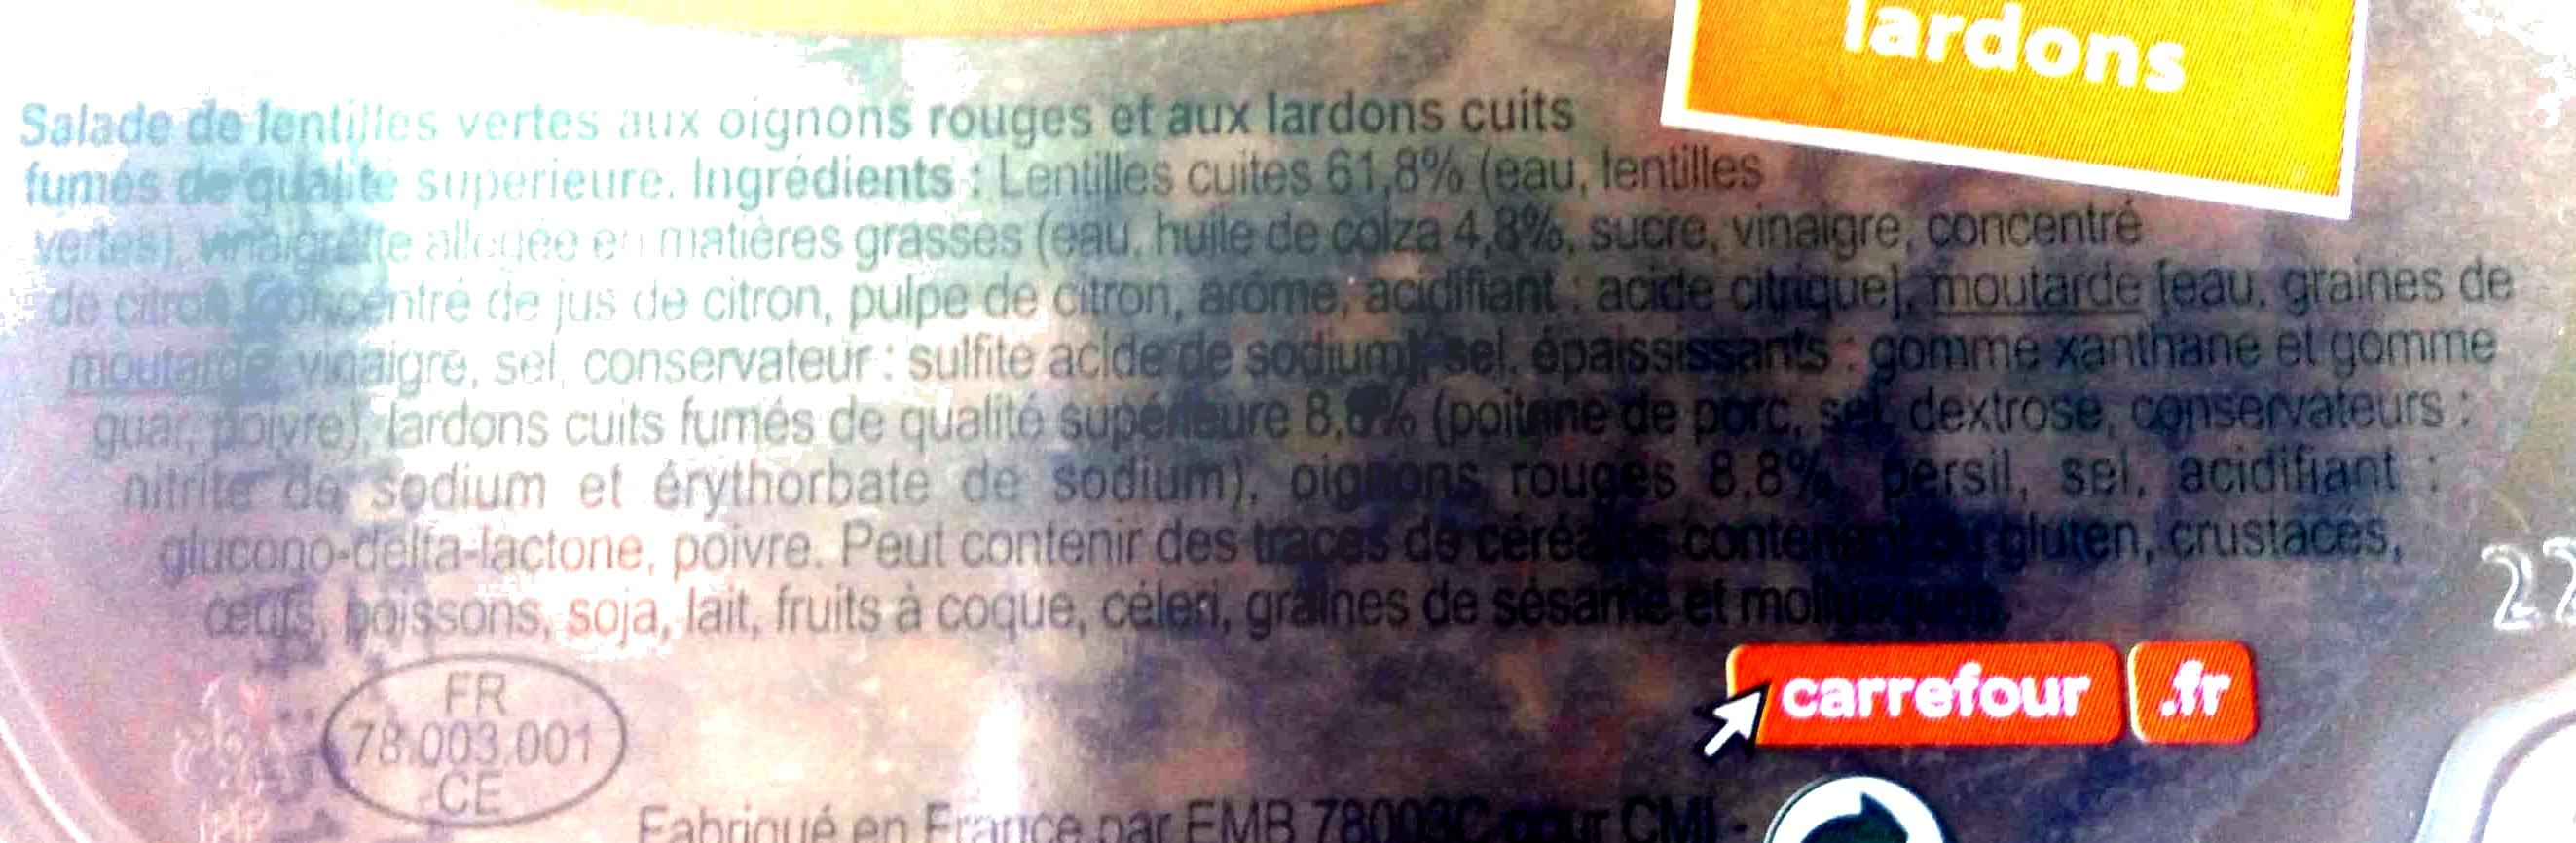 Lentilles Aux petits lardons - Ingrédients - fr